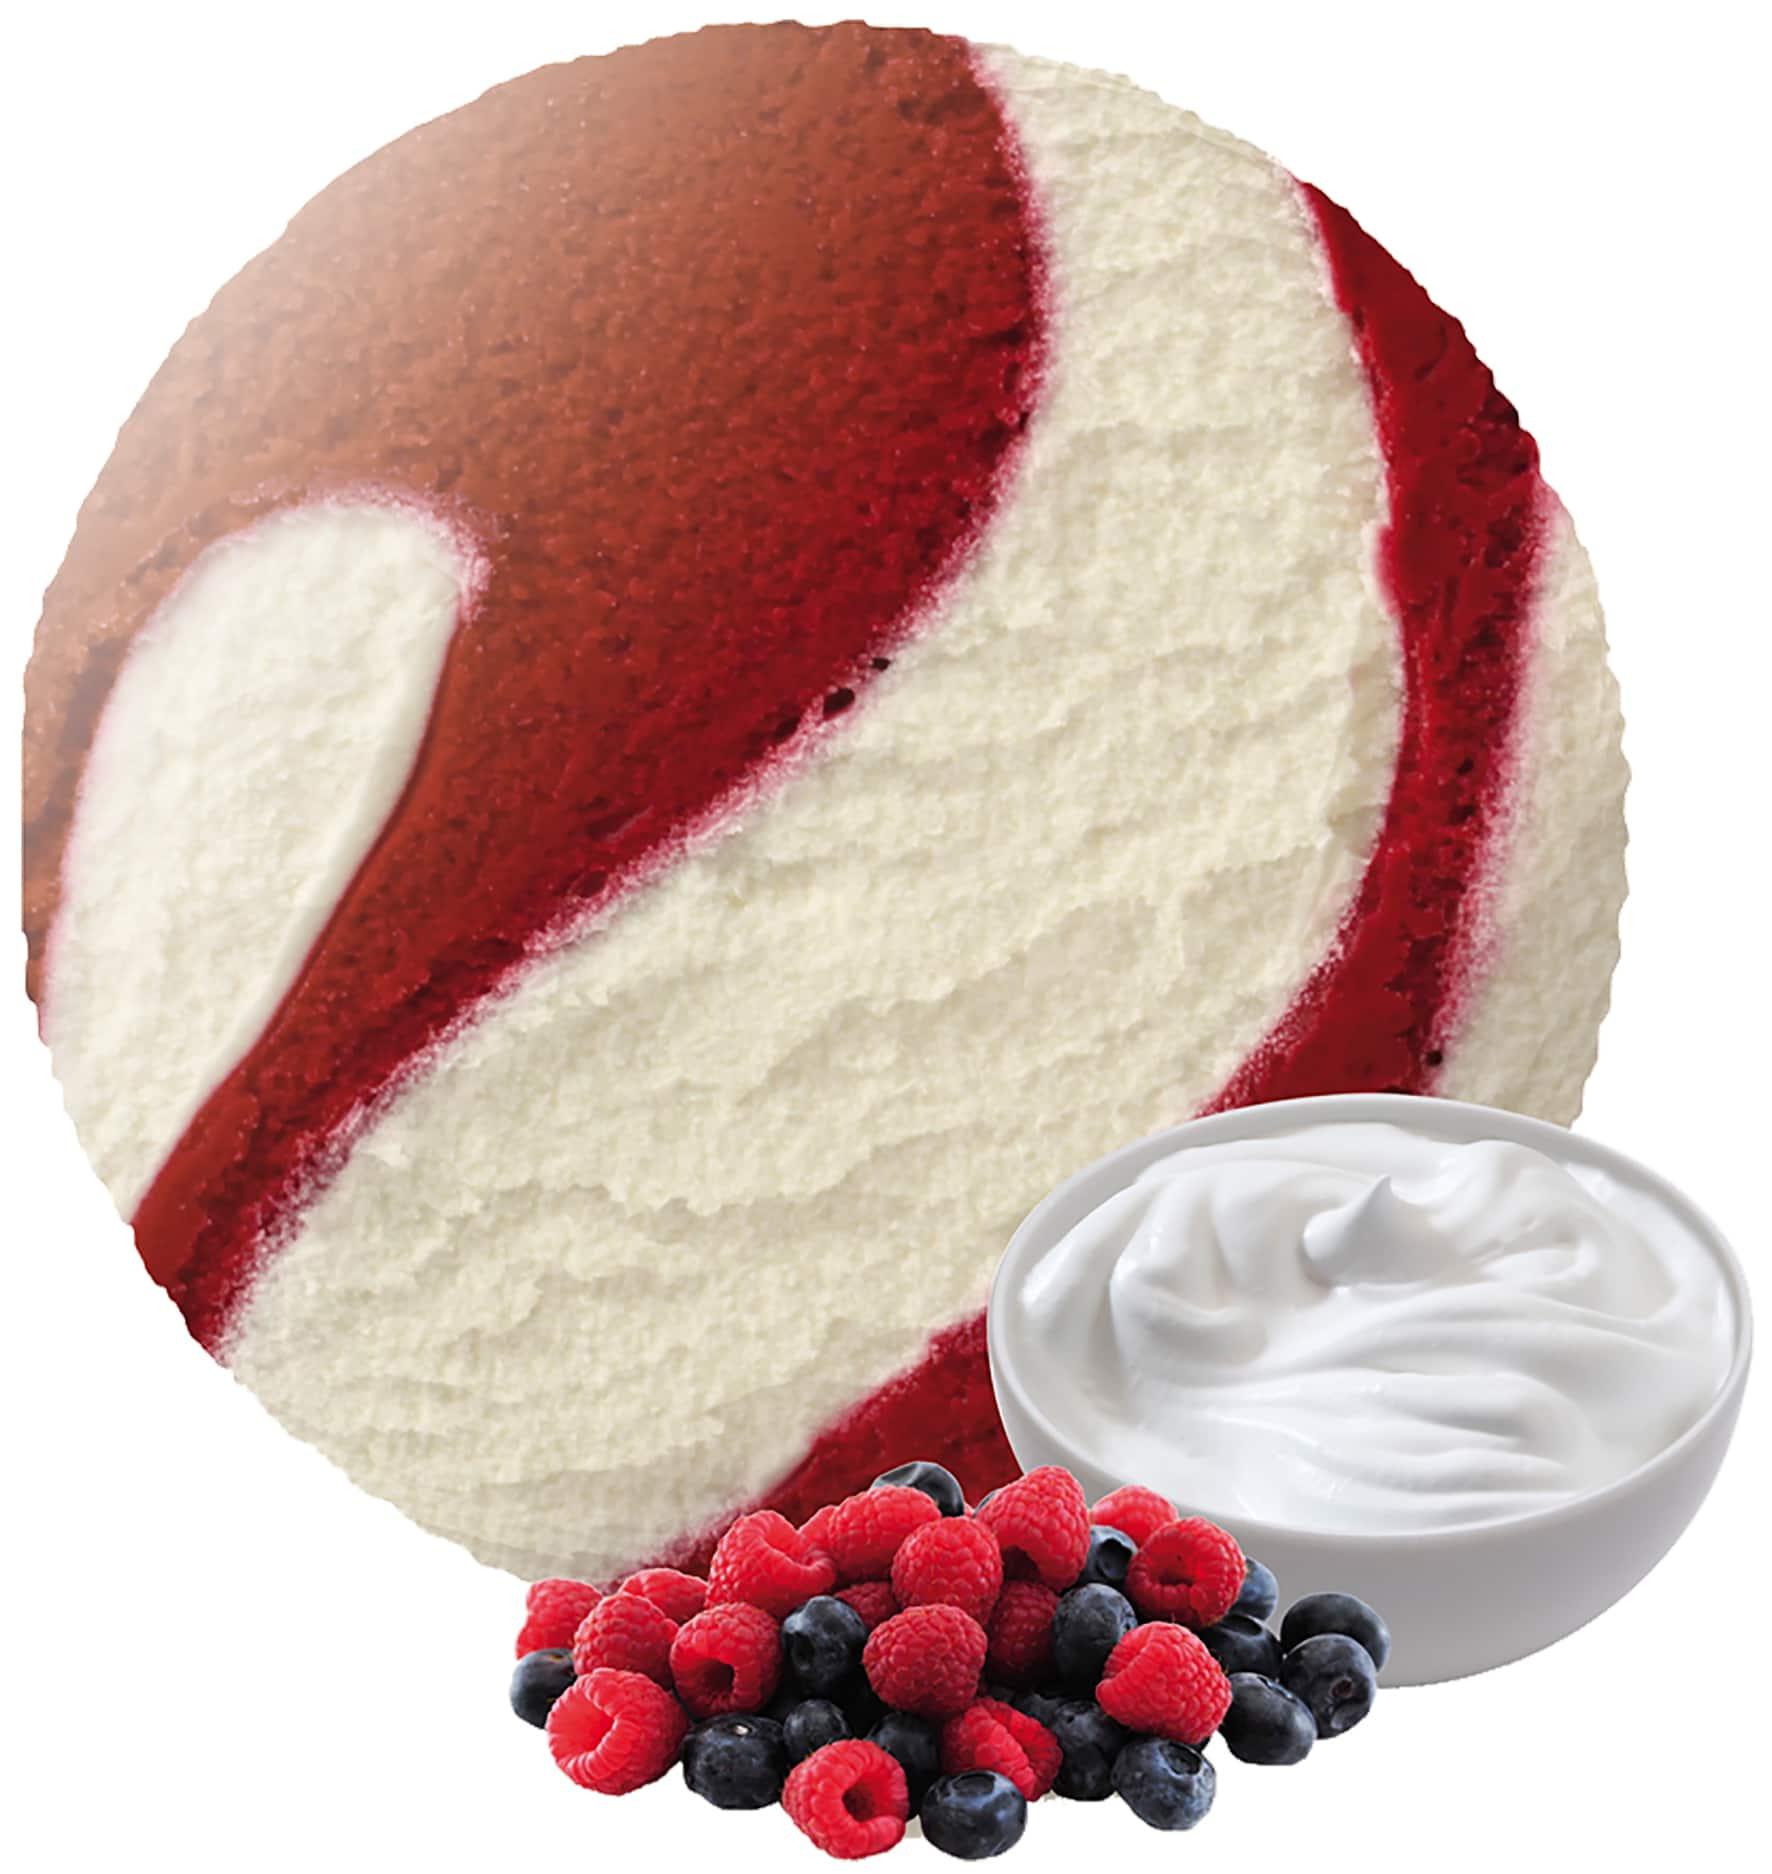 30250024-1_roomijs_yoghurt-bosvruchten